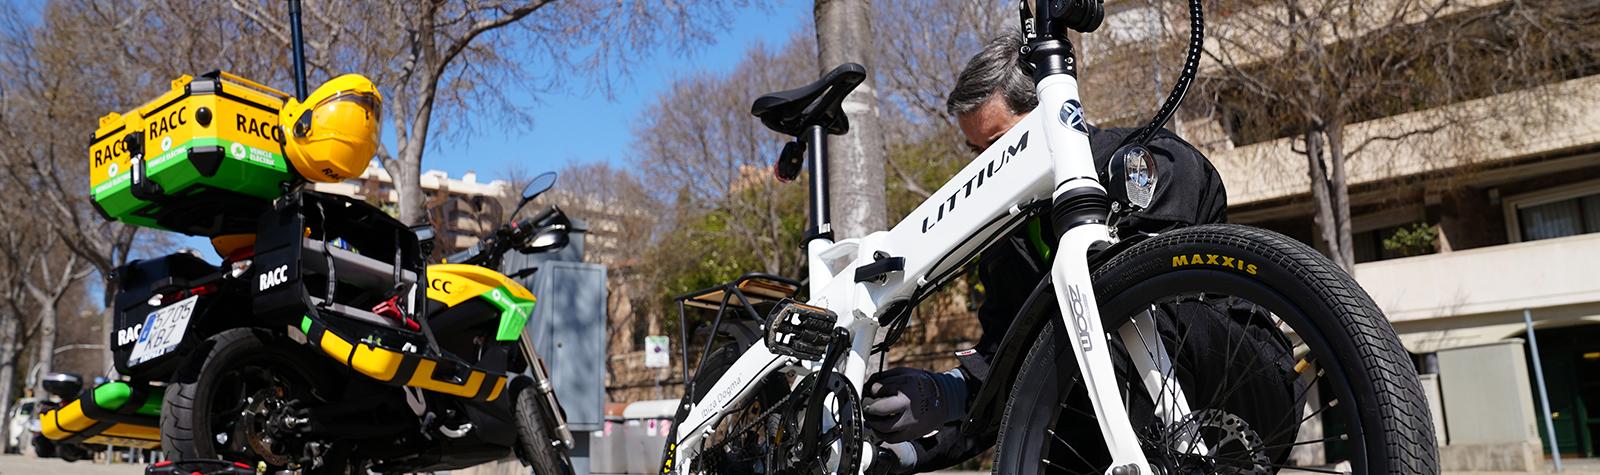 Littium y el RACC aseguran el futuro de la movilidad